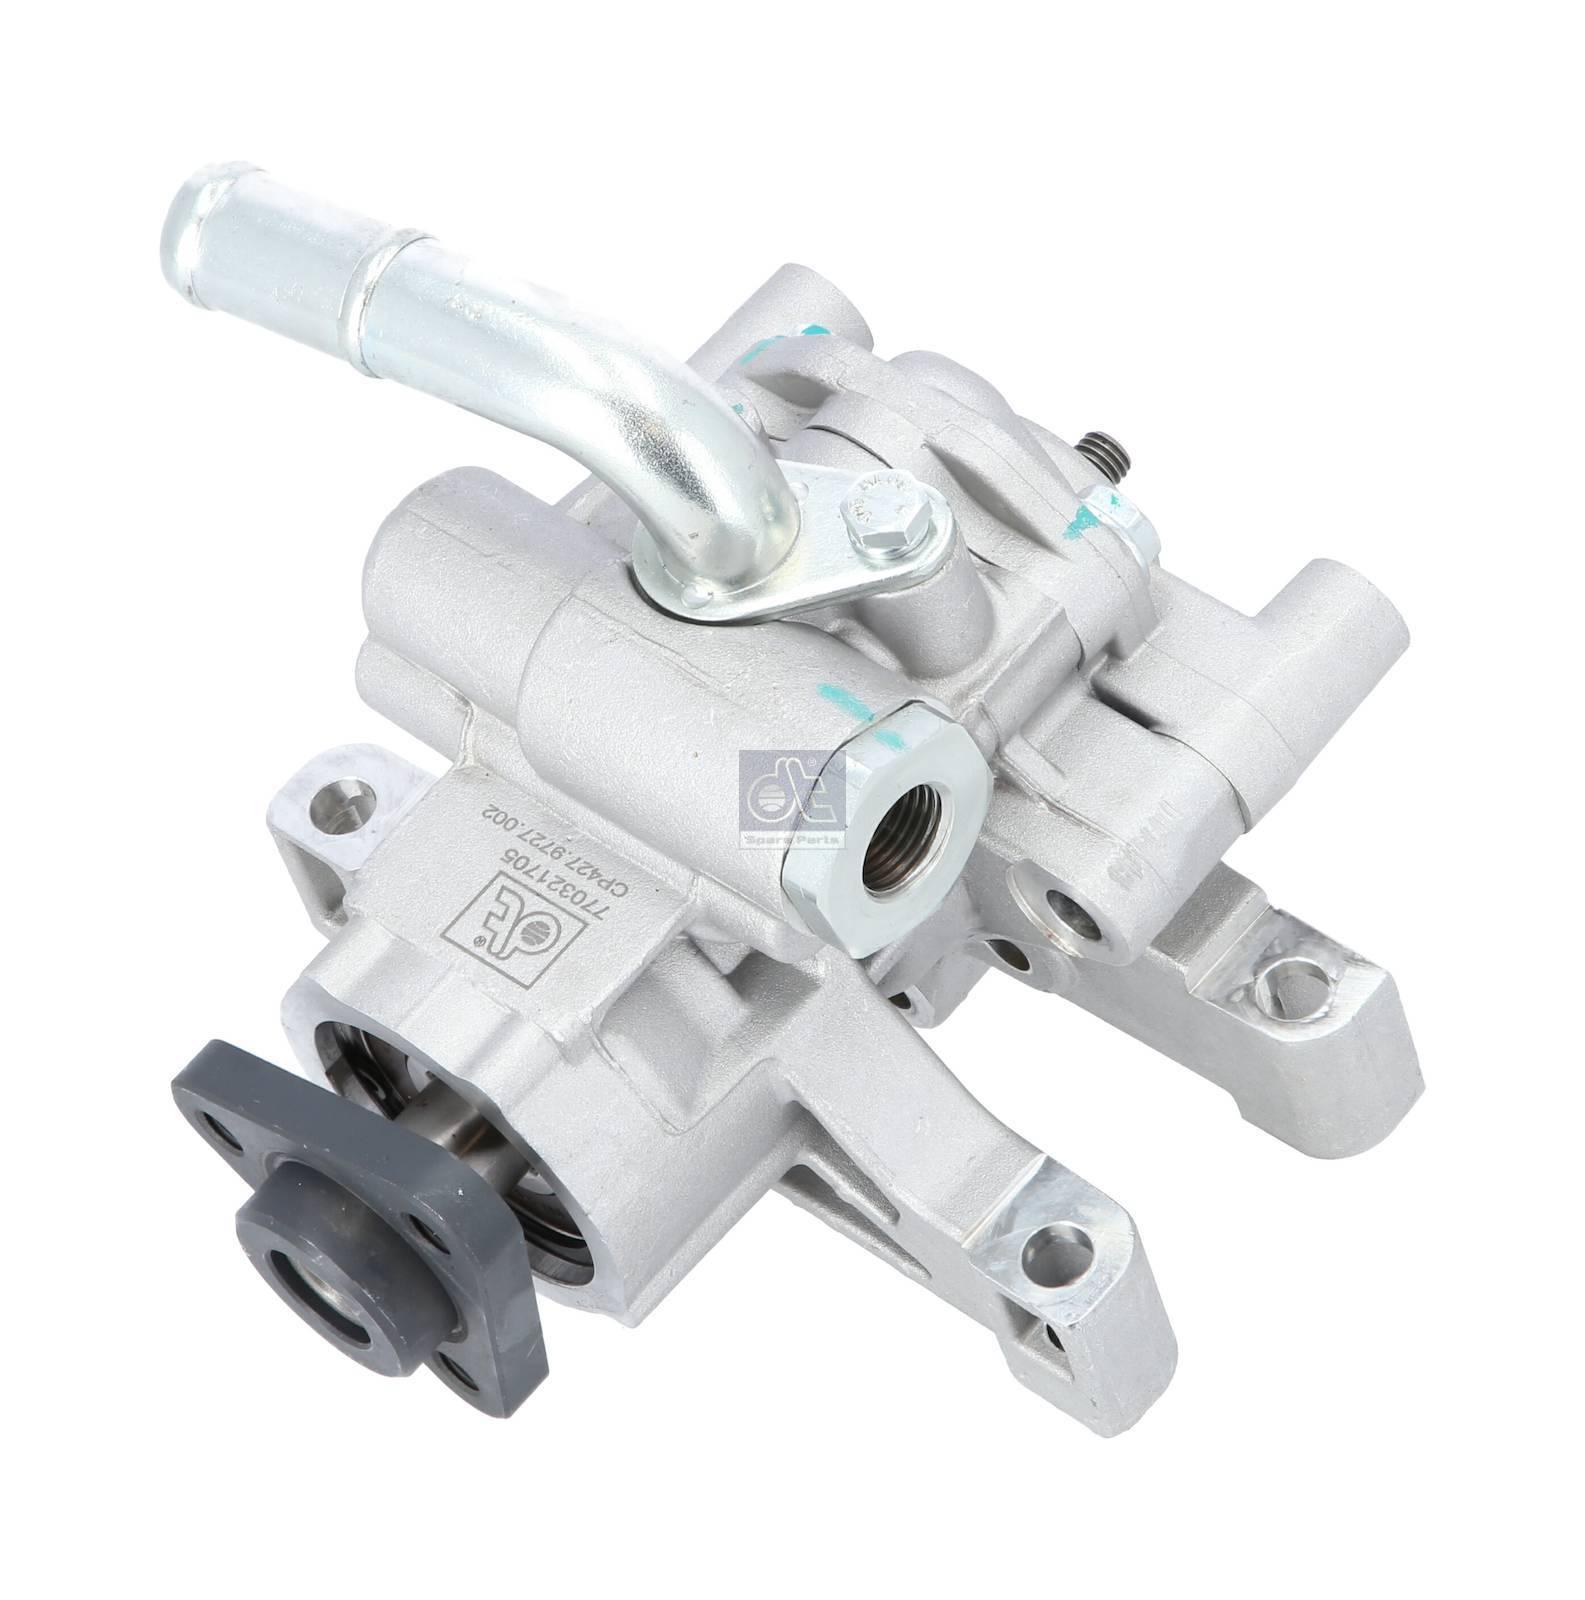 Насос усилителя рулевого управления, без адаптера подключения М16 х 1,5